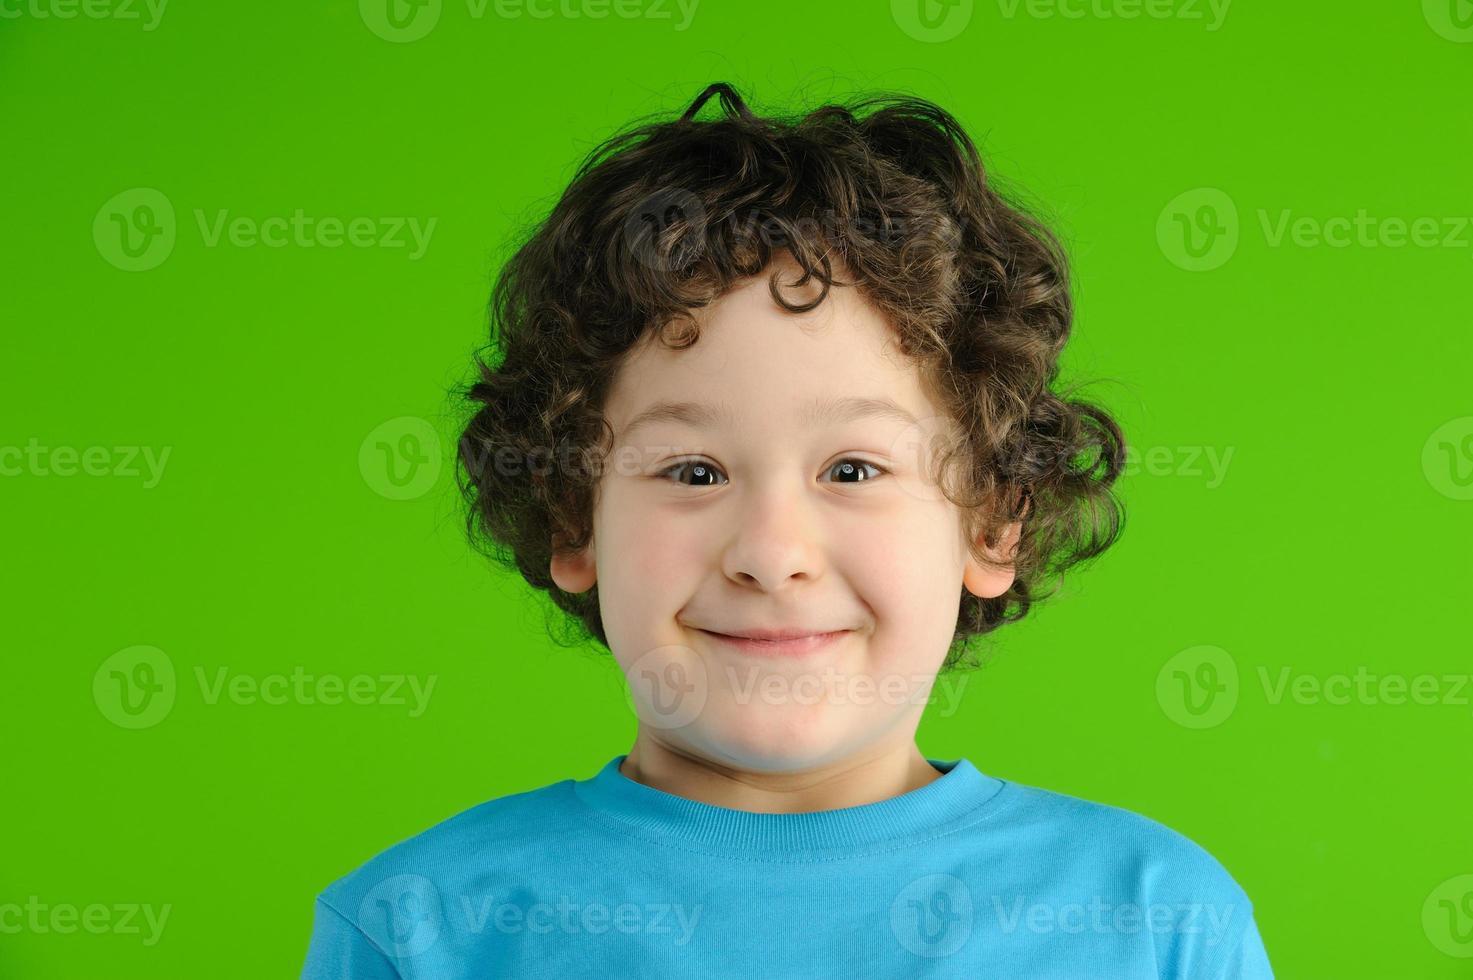 fröhlicher Junge foto